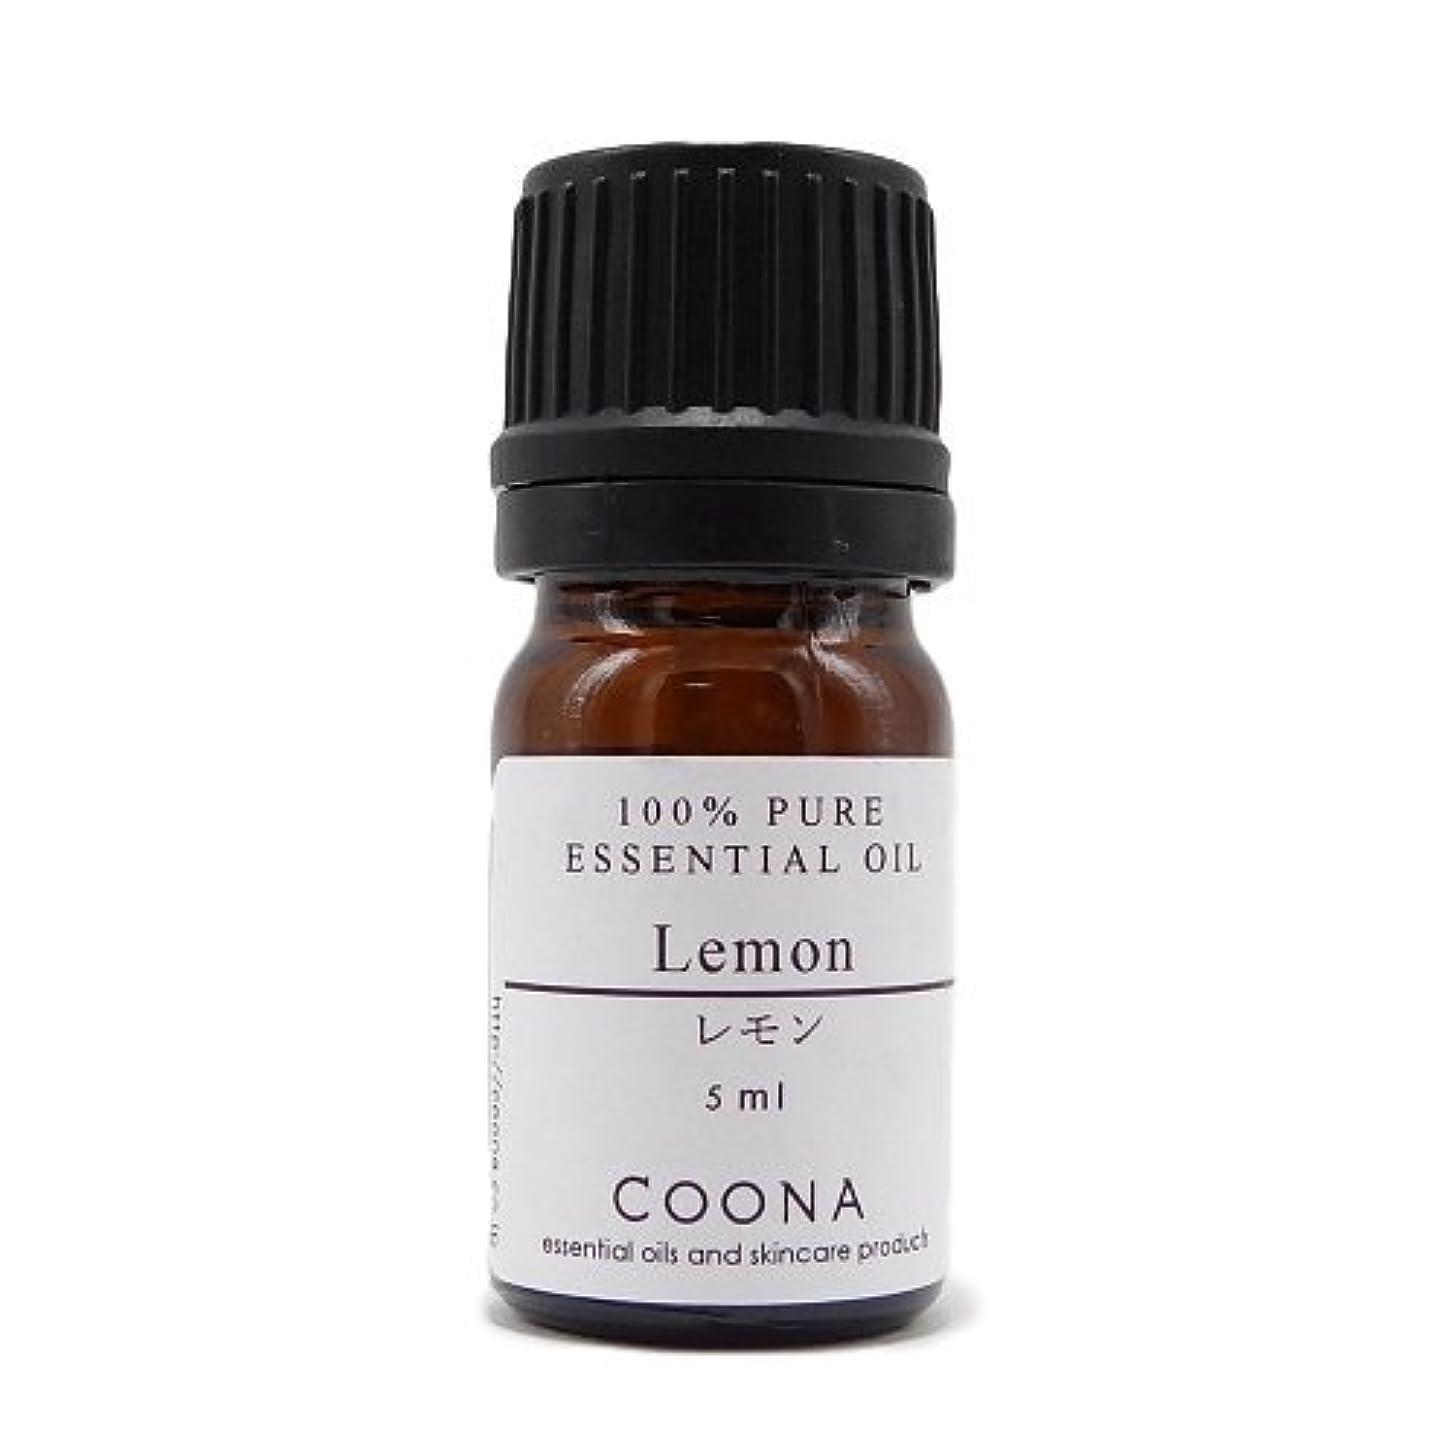 を除くアカデミックアサーレモン 5 ml (COONA エッセンシャルオイル/アロマオイル/精油)